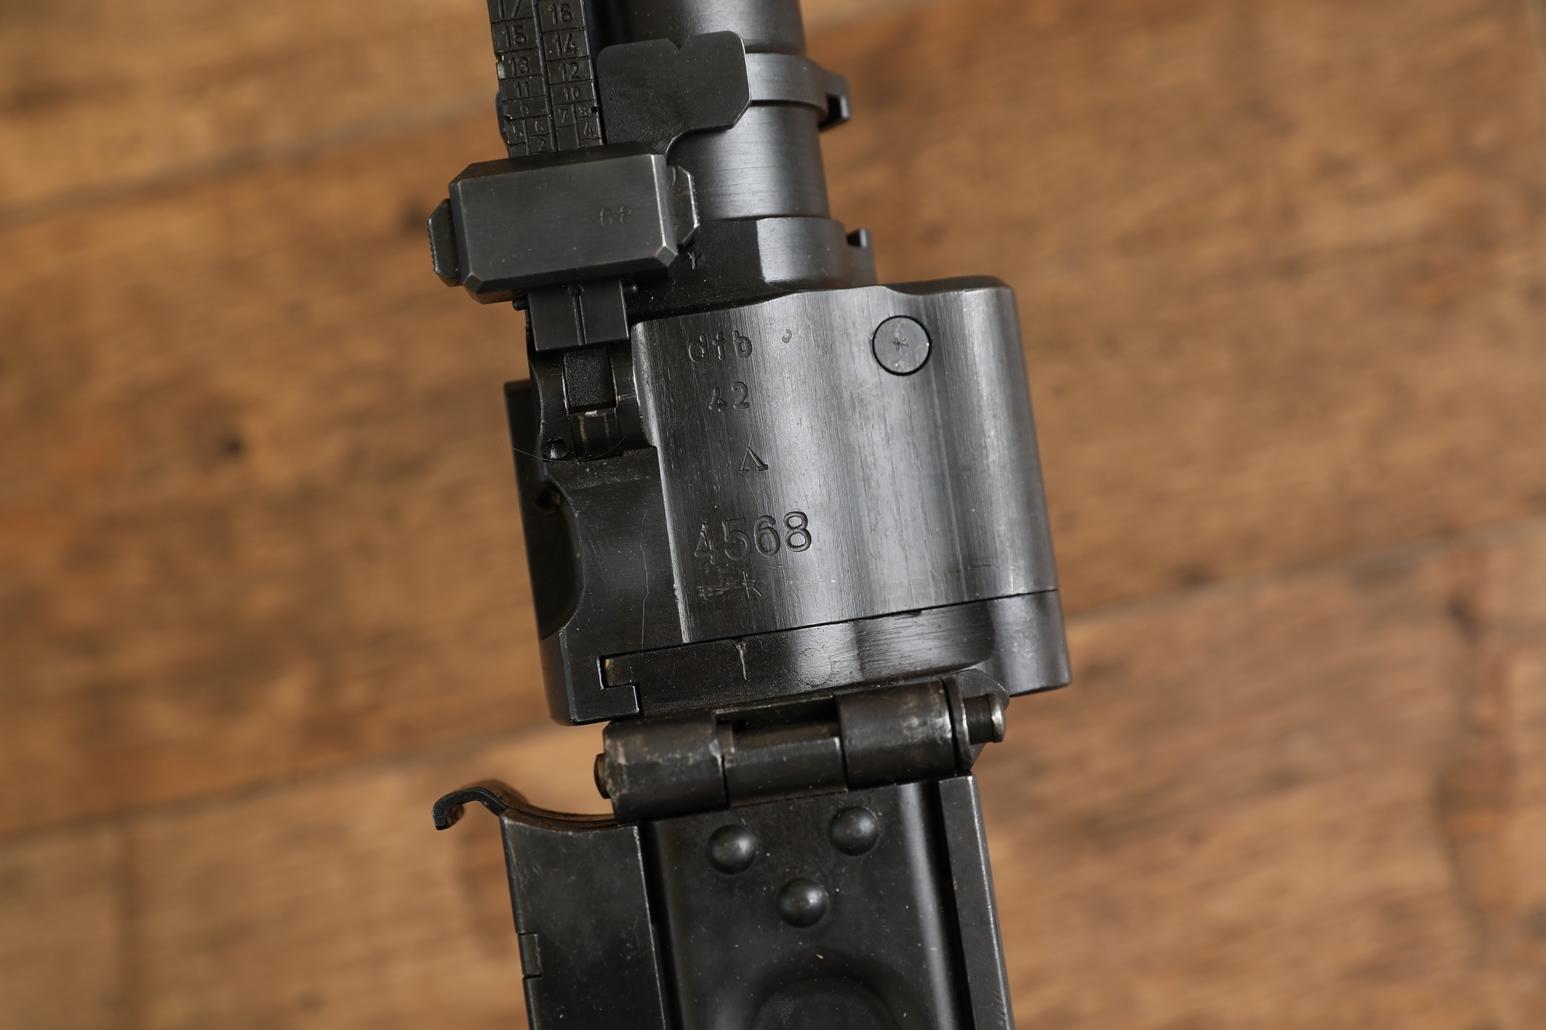 Охолощенный немецкий пулемет MG-34, #4568, 1942 год, завод dfb